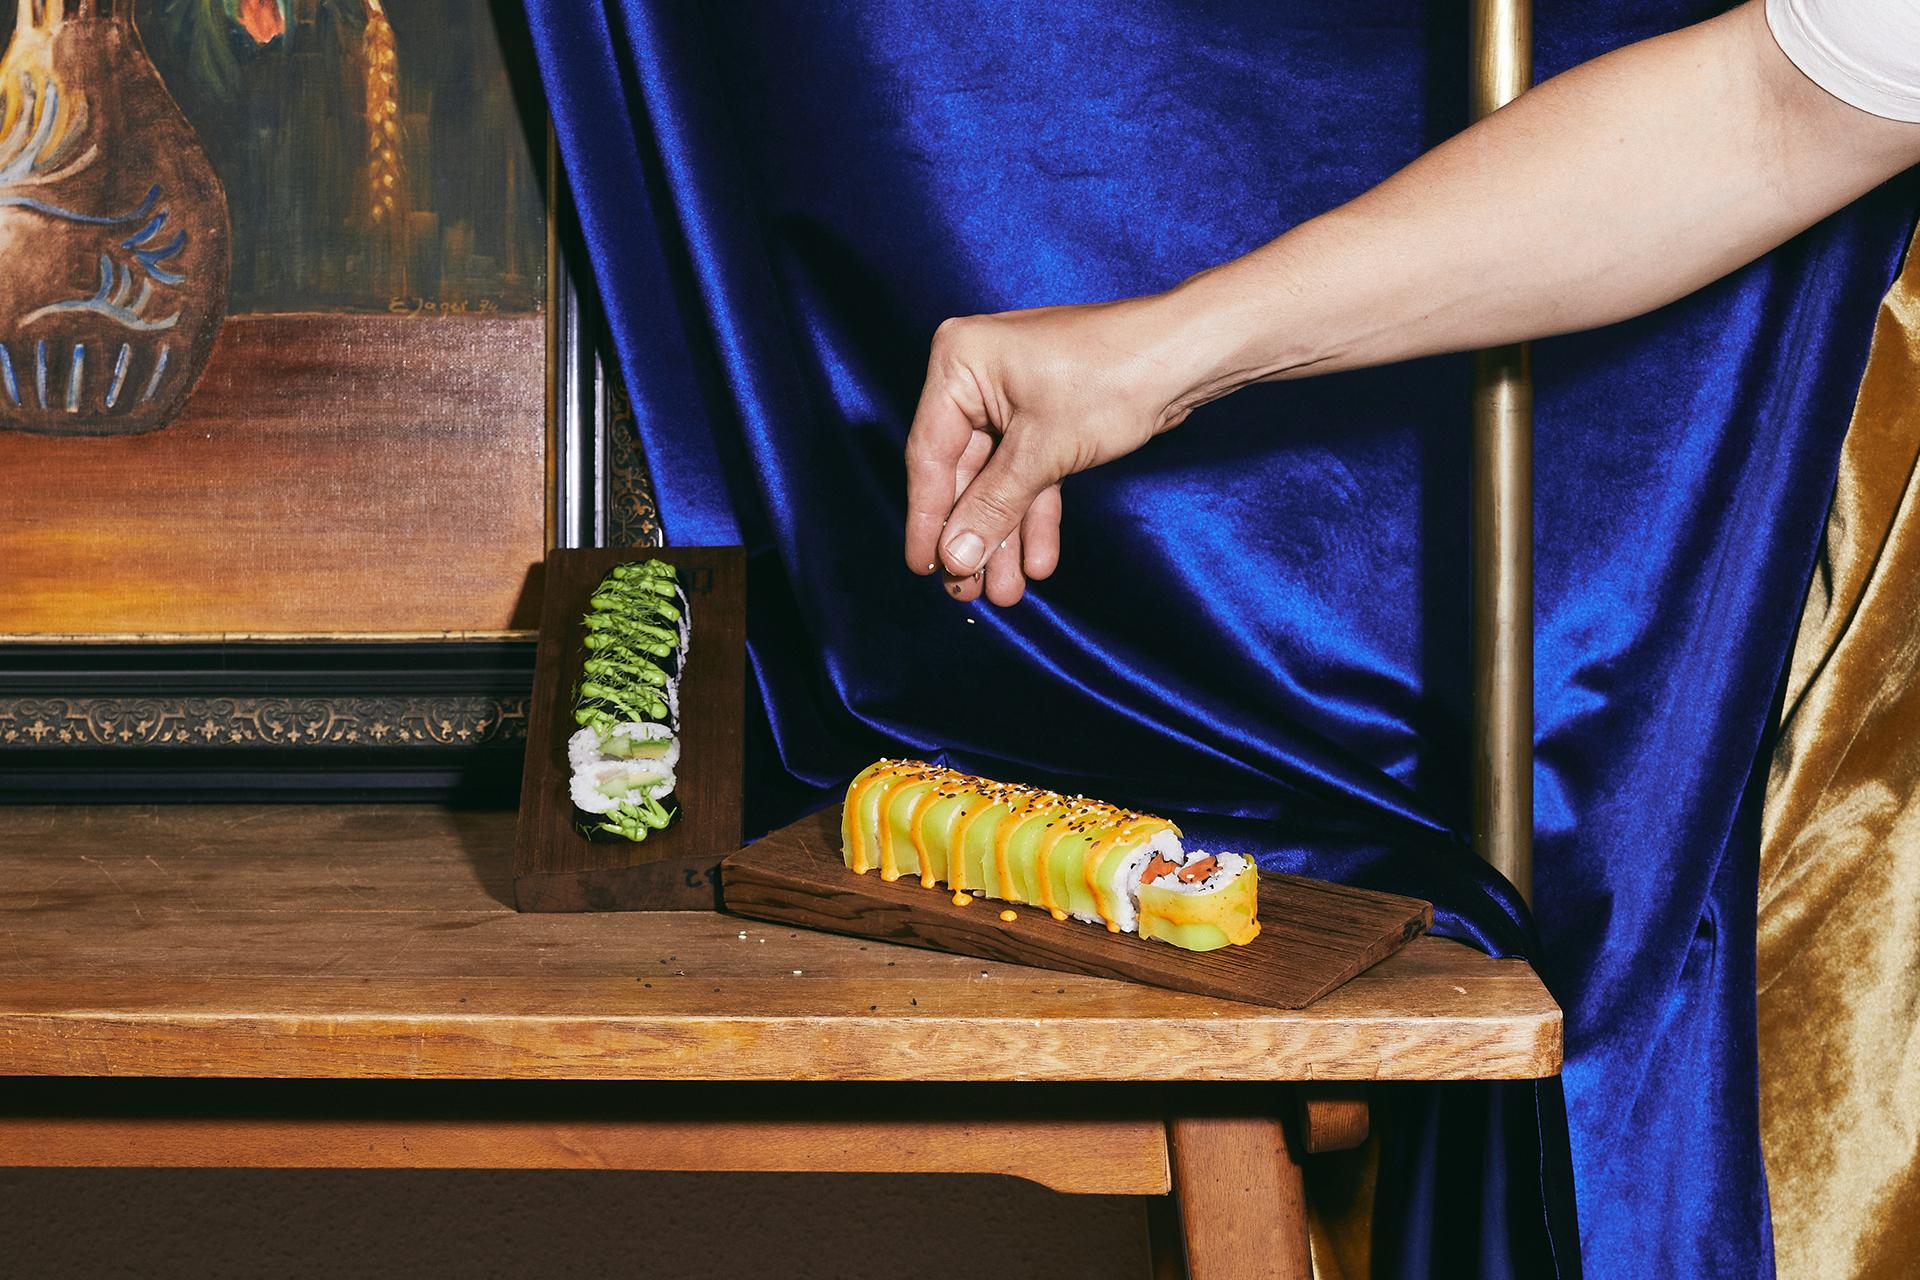 Ref Hopfen Schnmalz Sushi Abschluss 1291